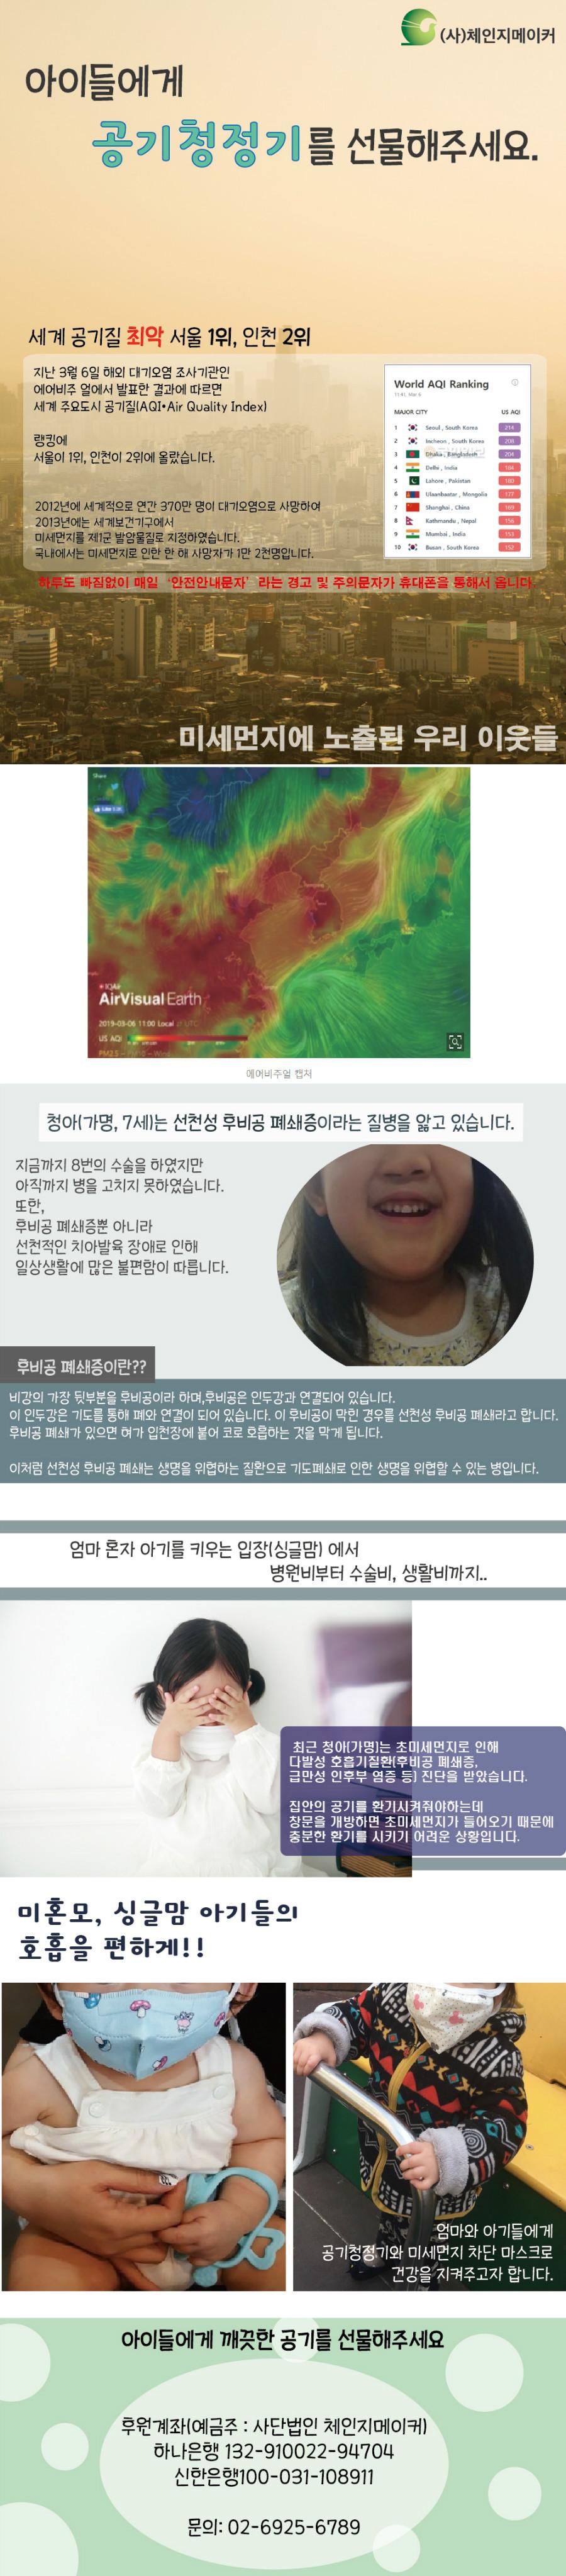 공기청정기(최종본).jpg